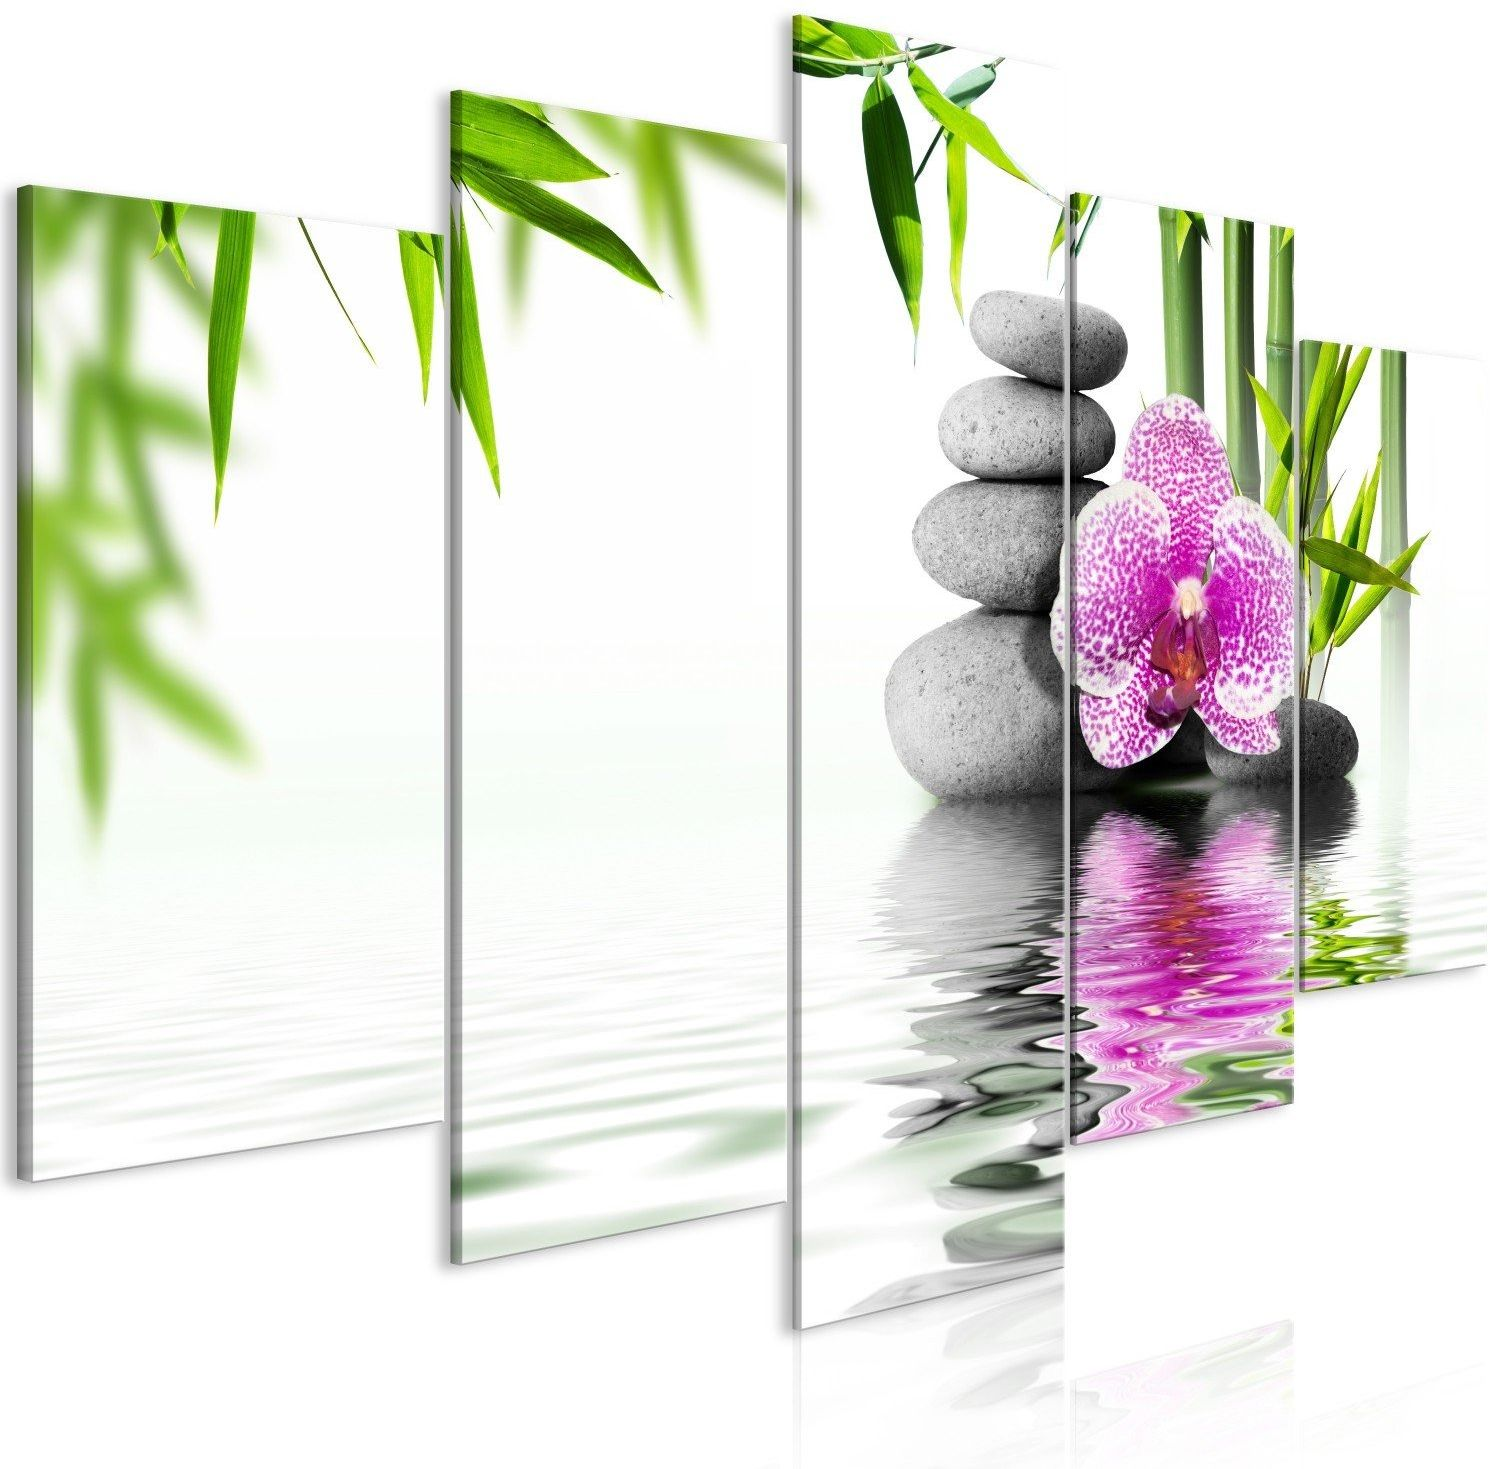 Obraz - ogród wodny (5-częściowy) szeroki